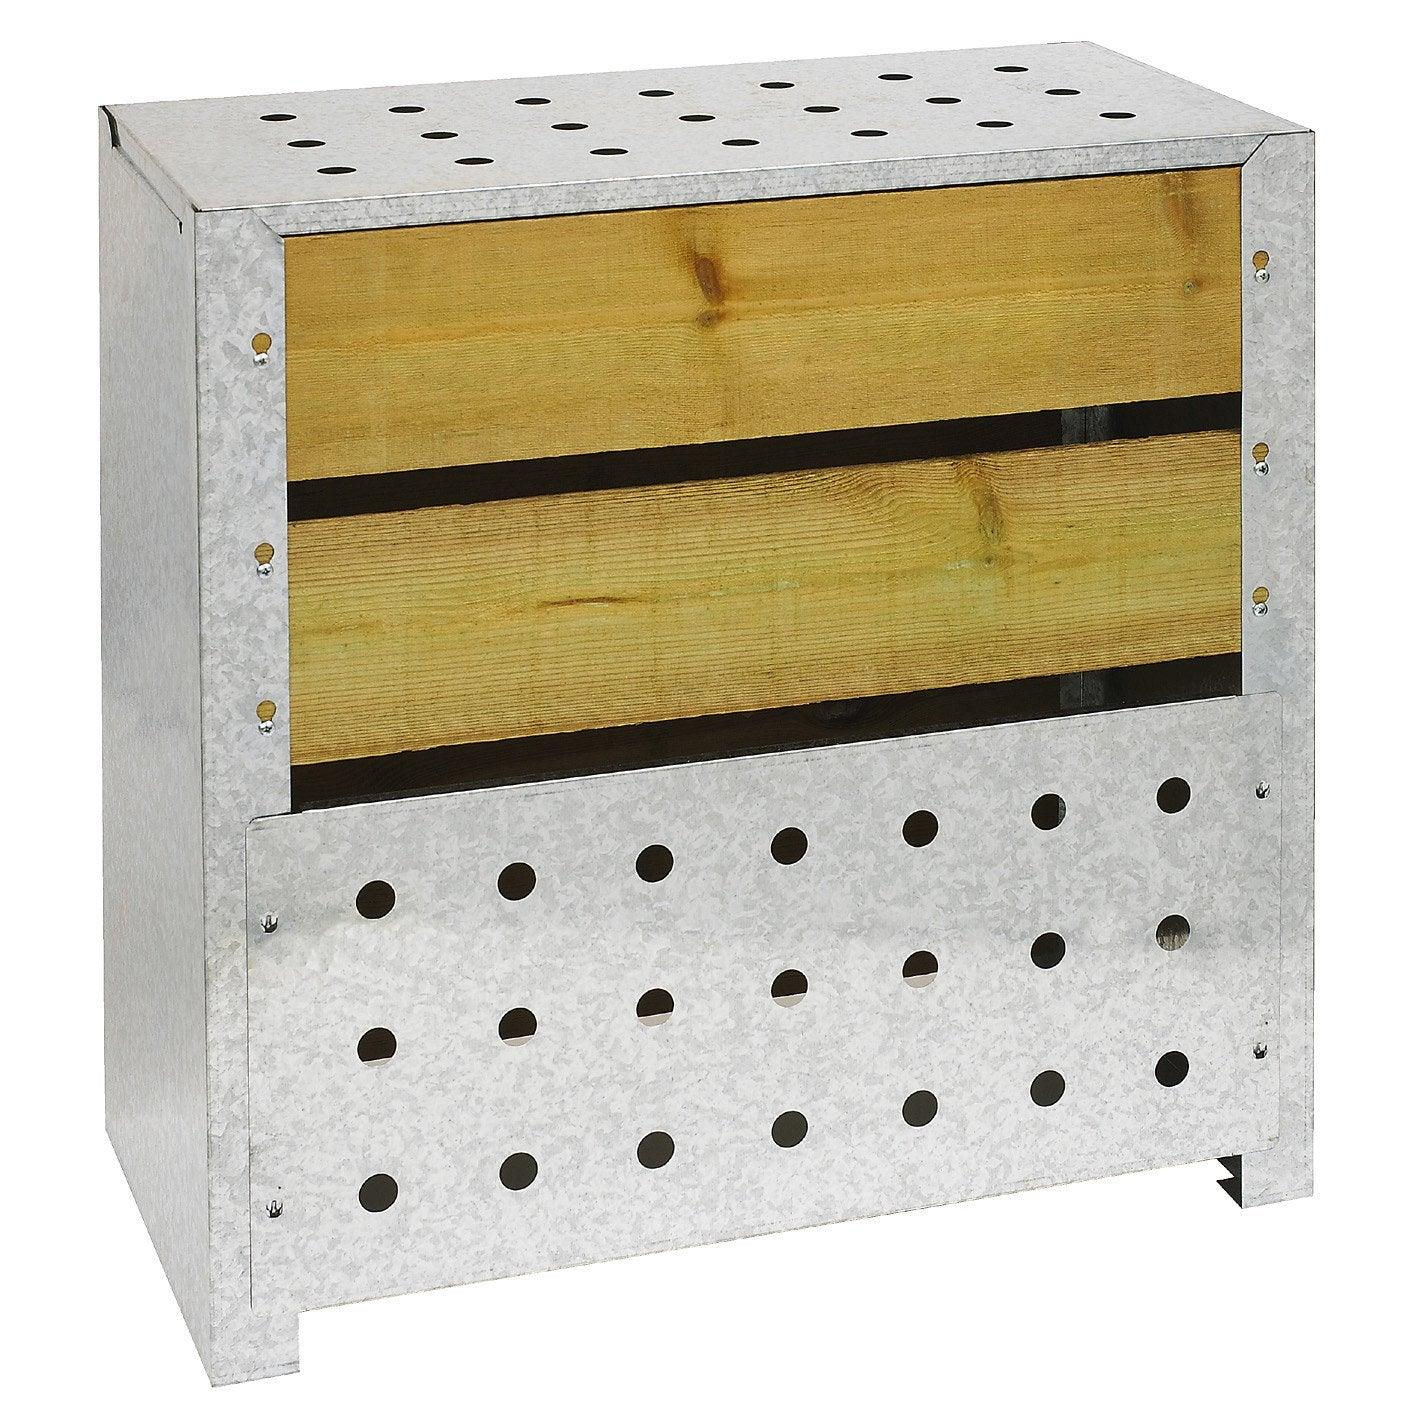 Composteur monobloc guillouard bois marron 200 l leroy - Leroy merlin composteur ...